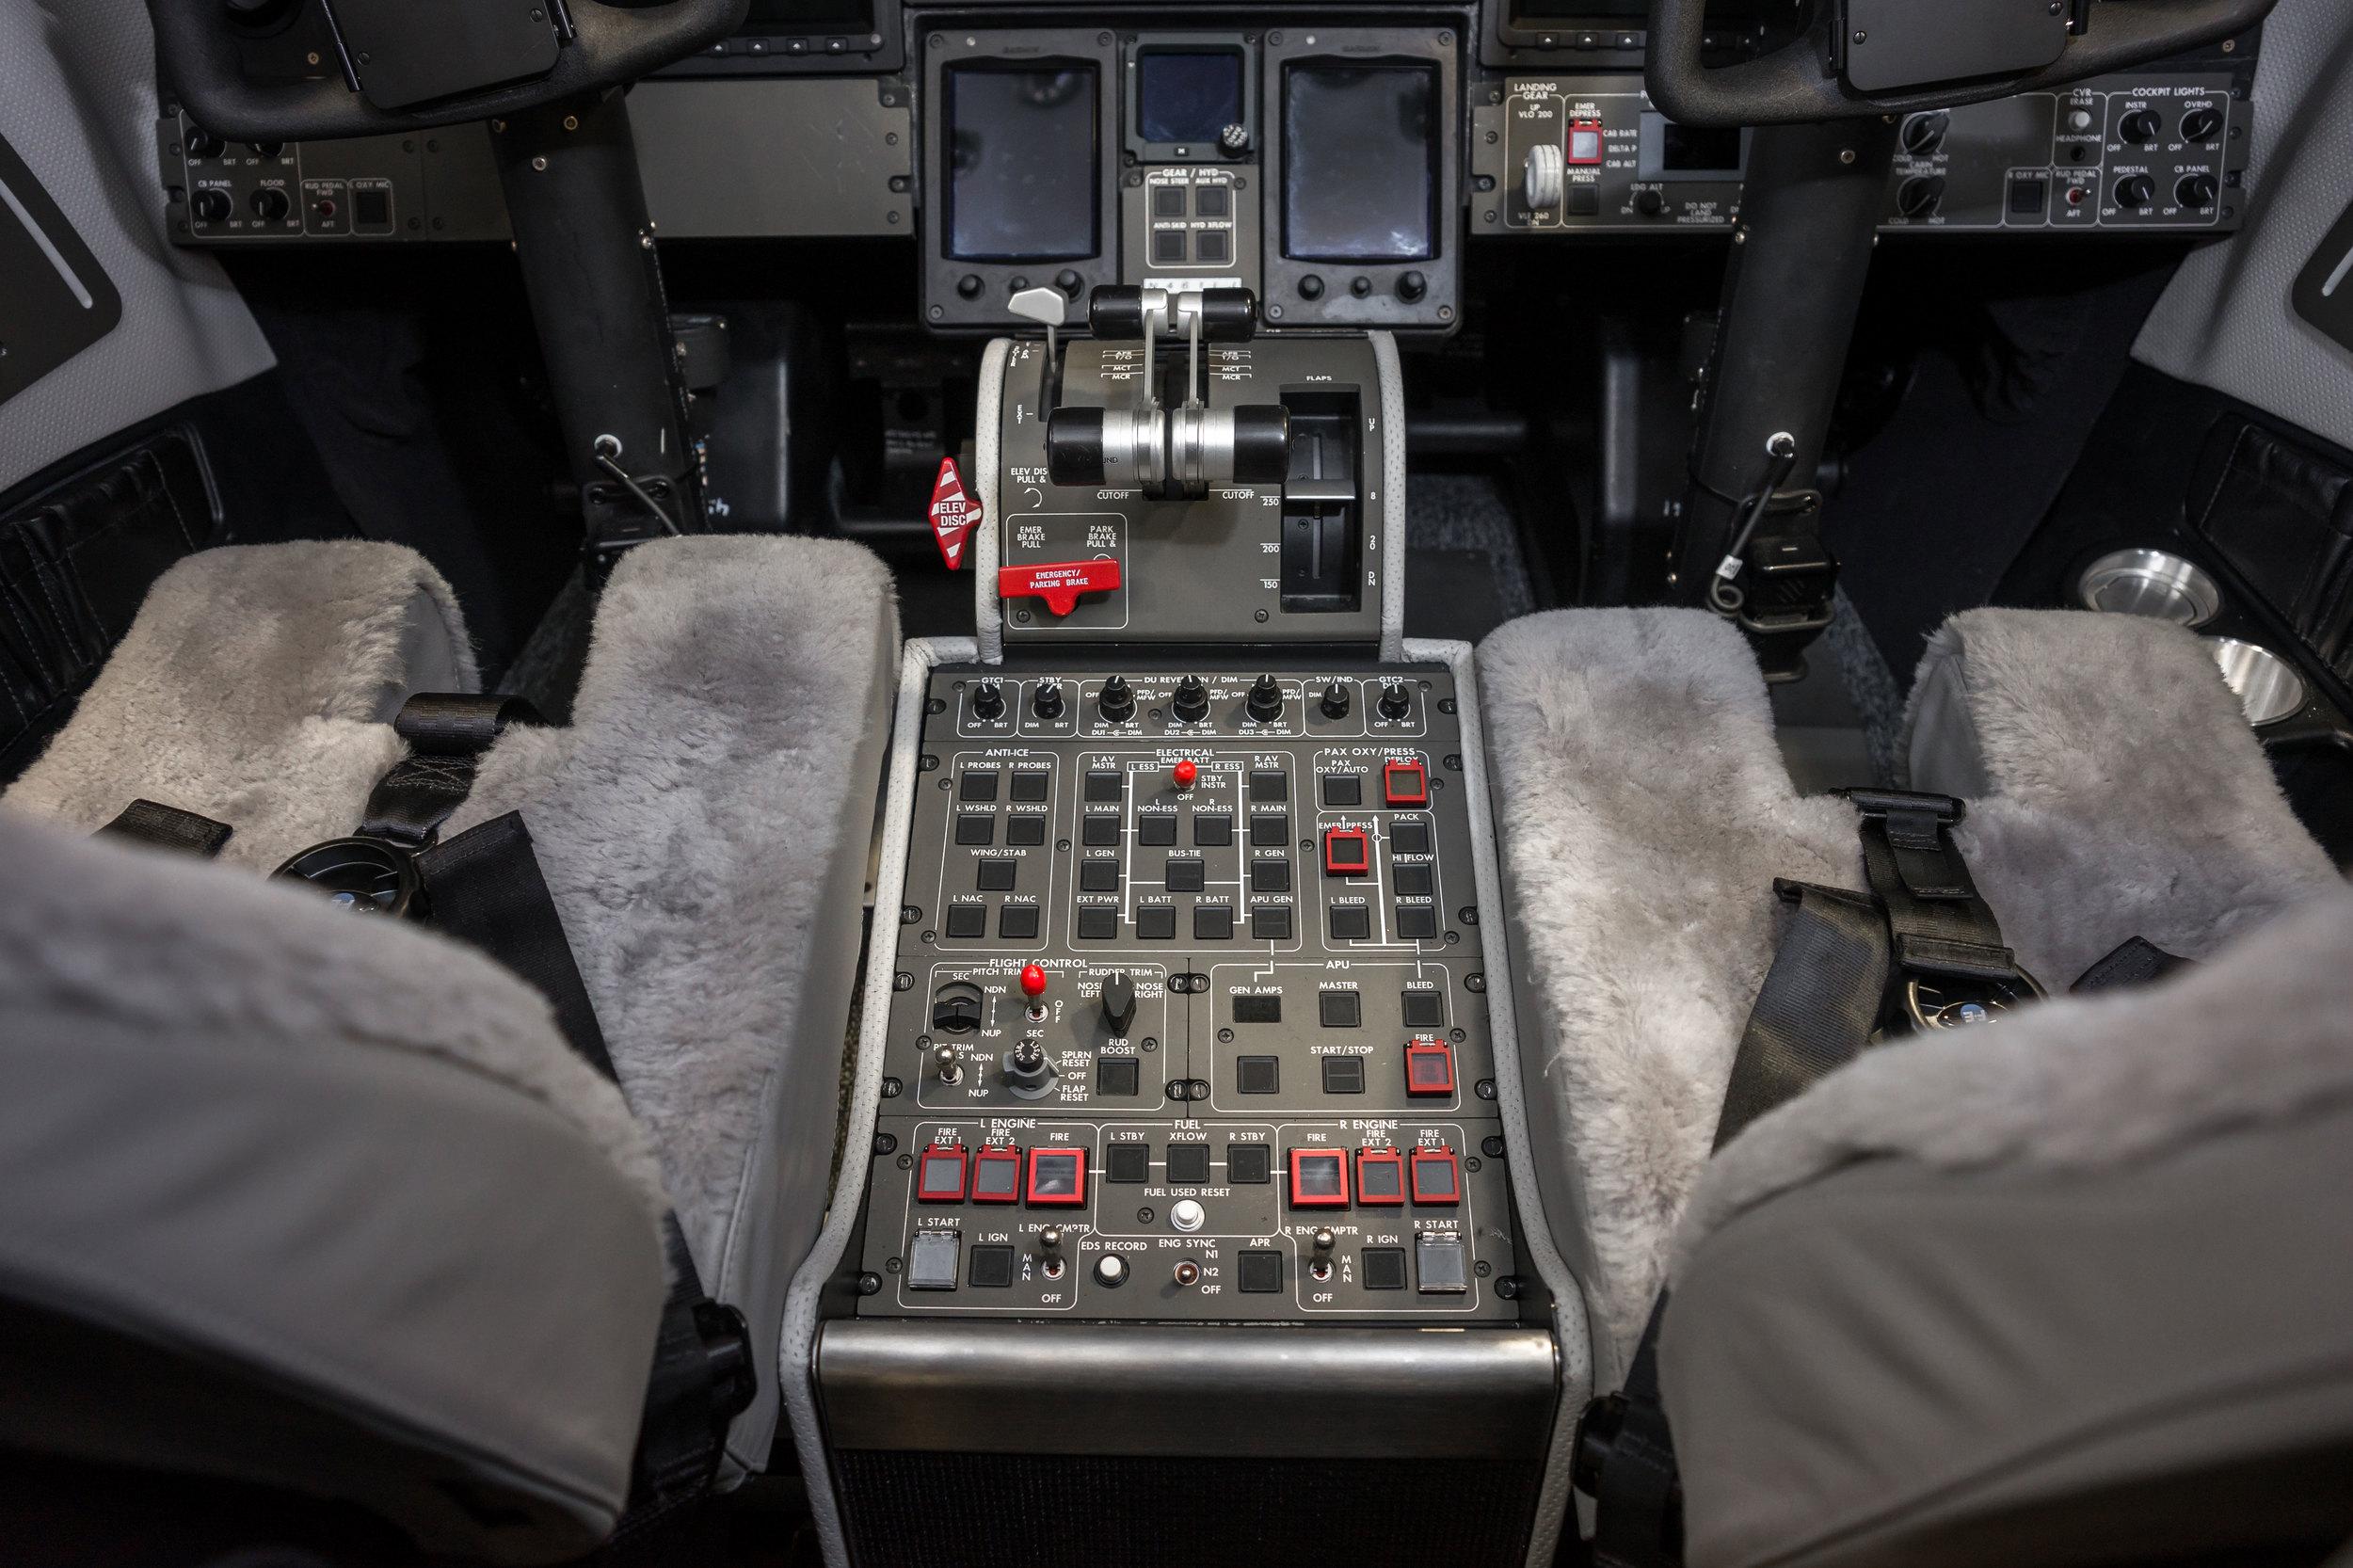 LJ-Cockpit-Brett-Smith.jpg